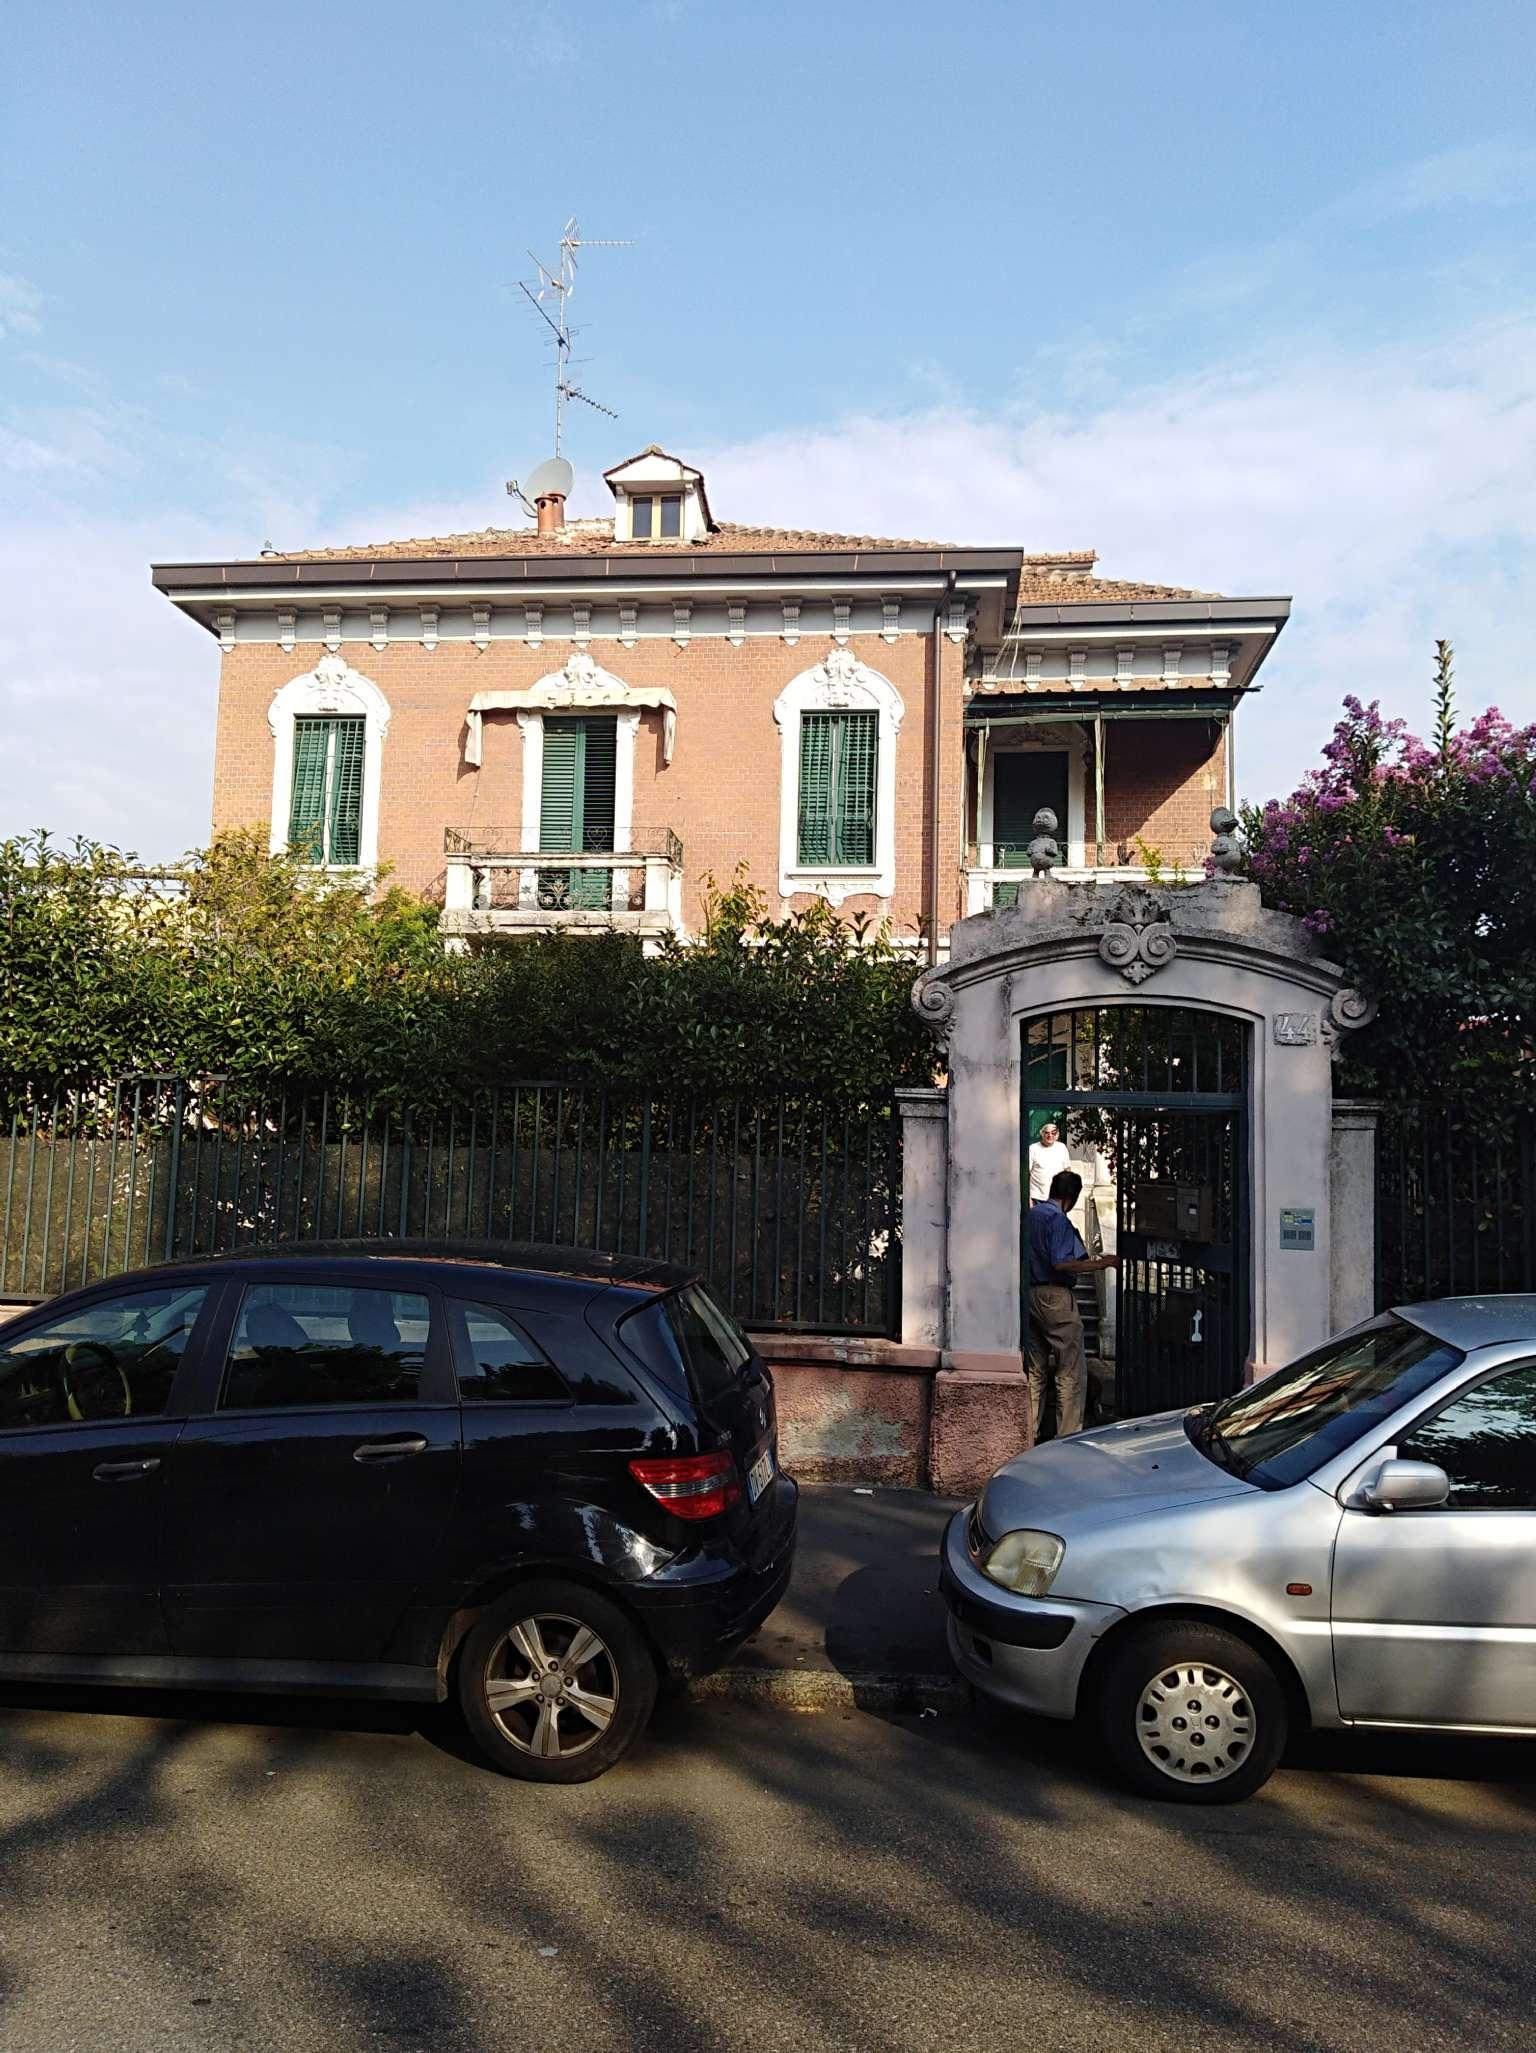 Villa in vendita a Milano, 13 locali, zona Zona: 17 . Quarto Oggiaro, Villapizzone, Certosa, Vialba, prezzo € 850.000   CambioCasa.it